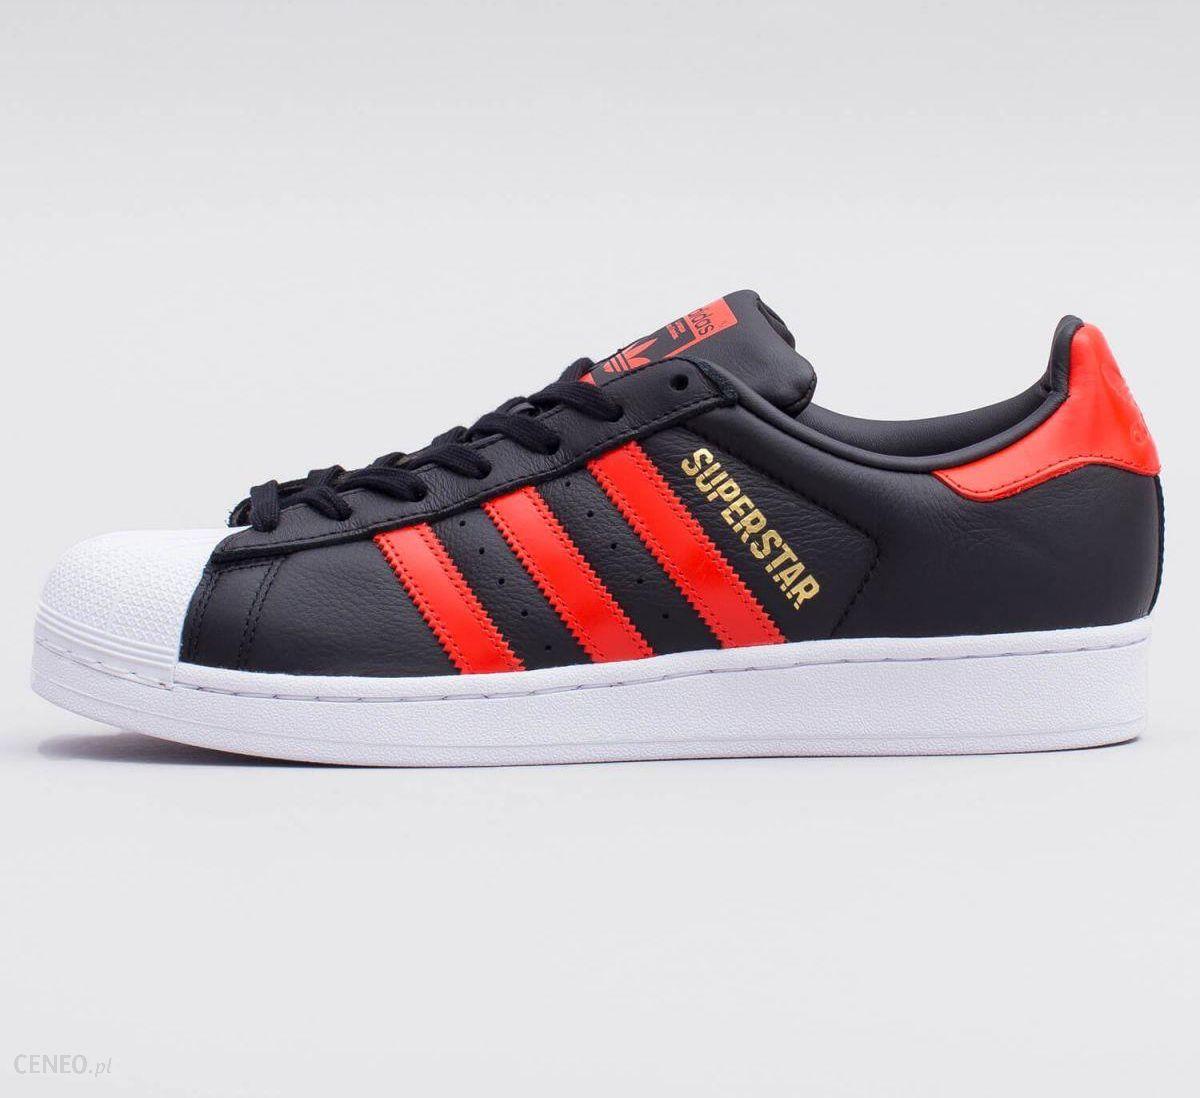 różne wzornictwo taniej klasyczny Adidas SUPERSTAR B41994 - Ceny i opinie - Ceneo.pl